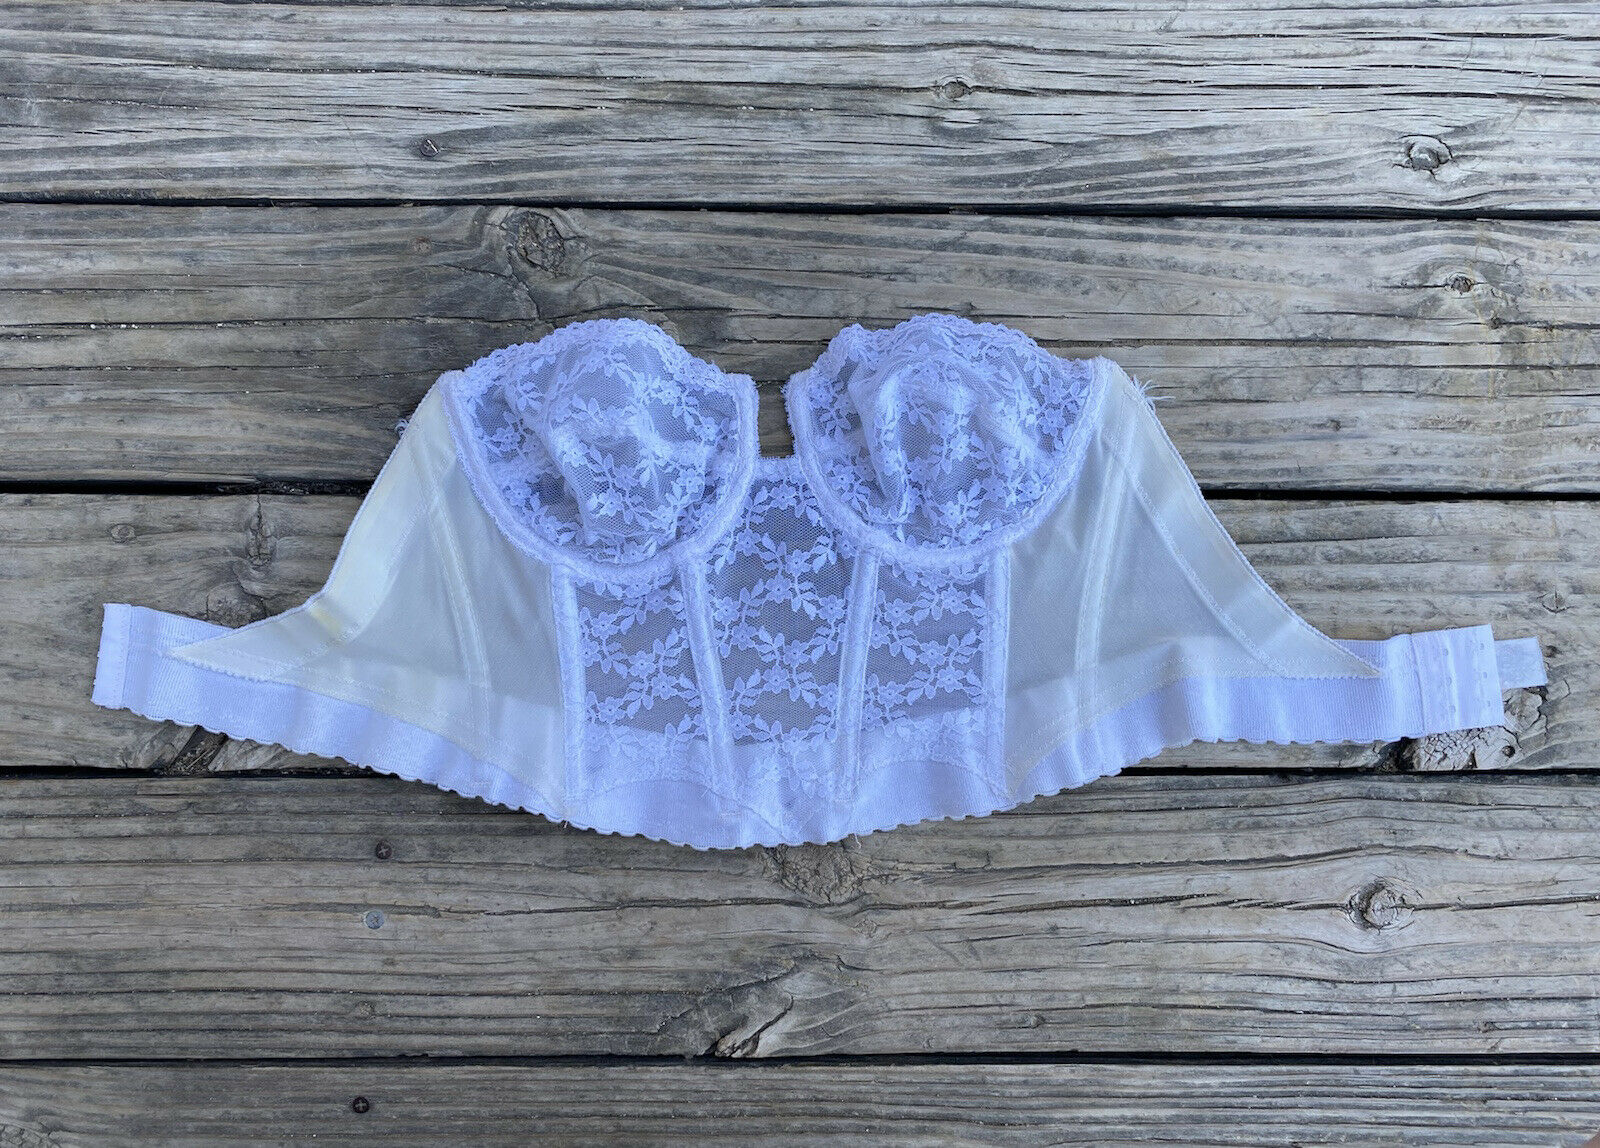 Vintage White Lace Corset Size 38C Underwire Top - image 1